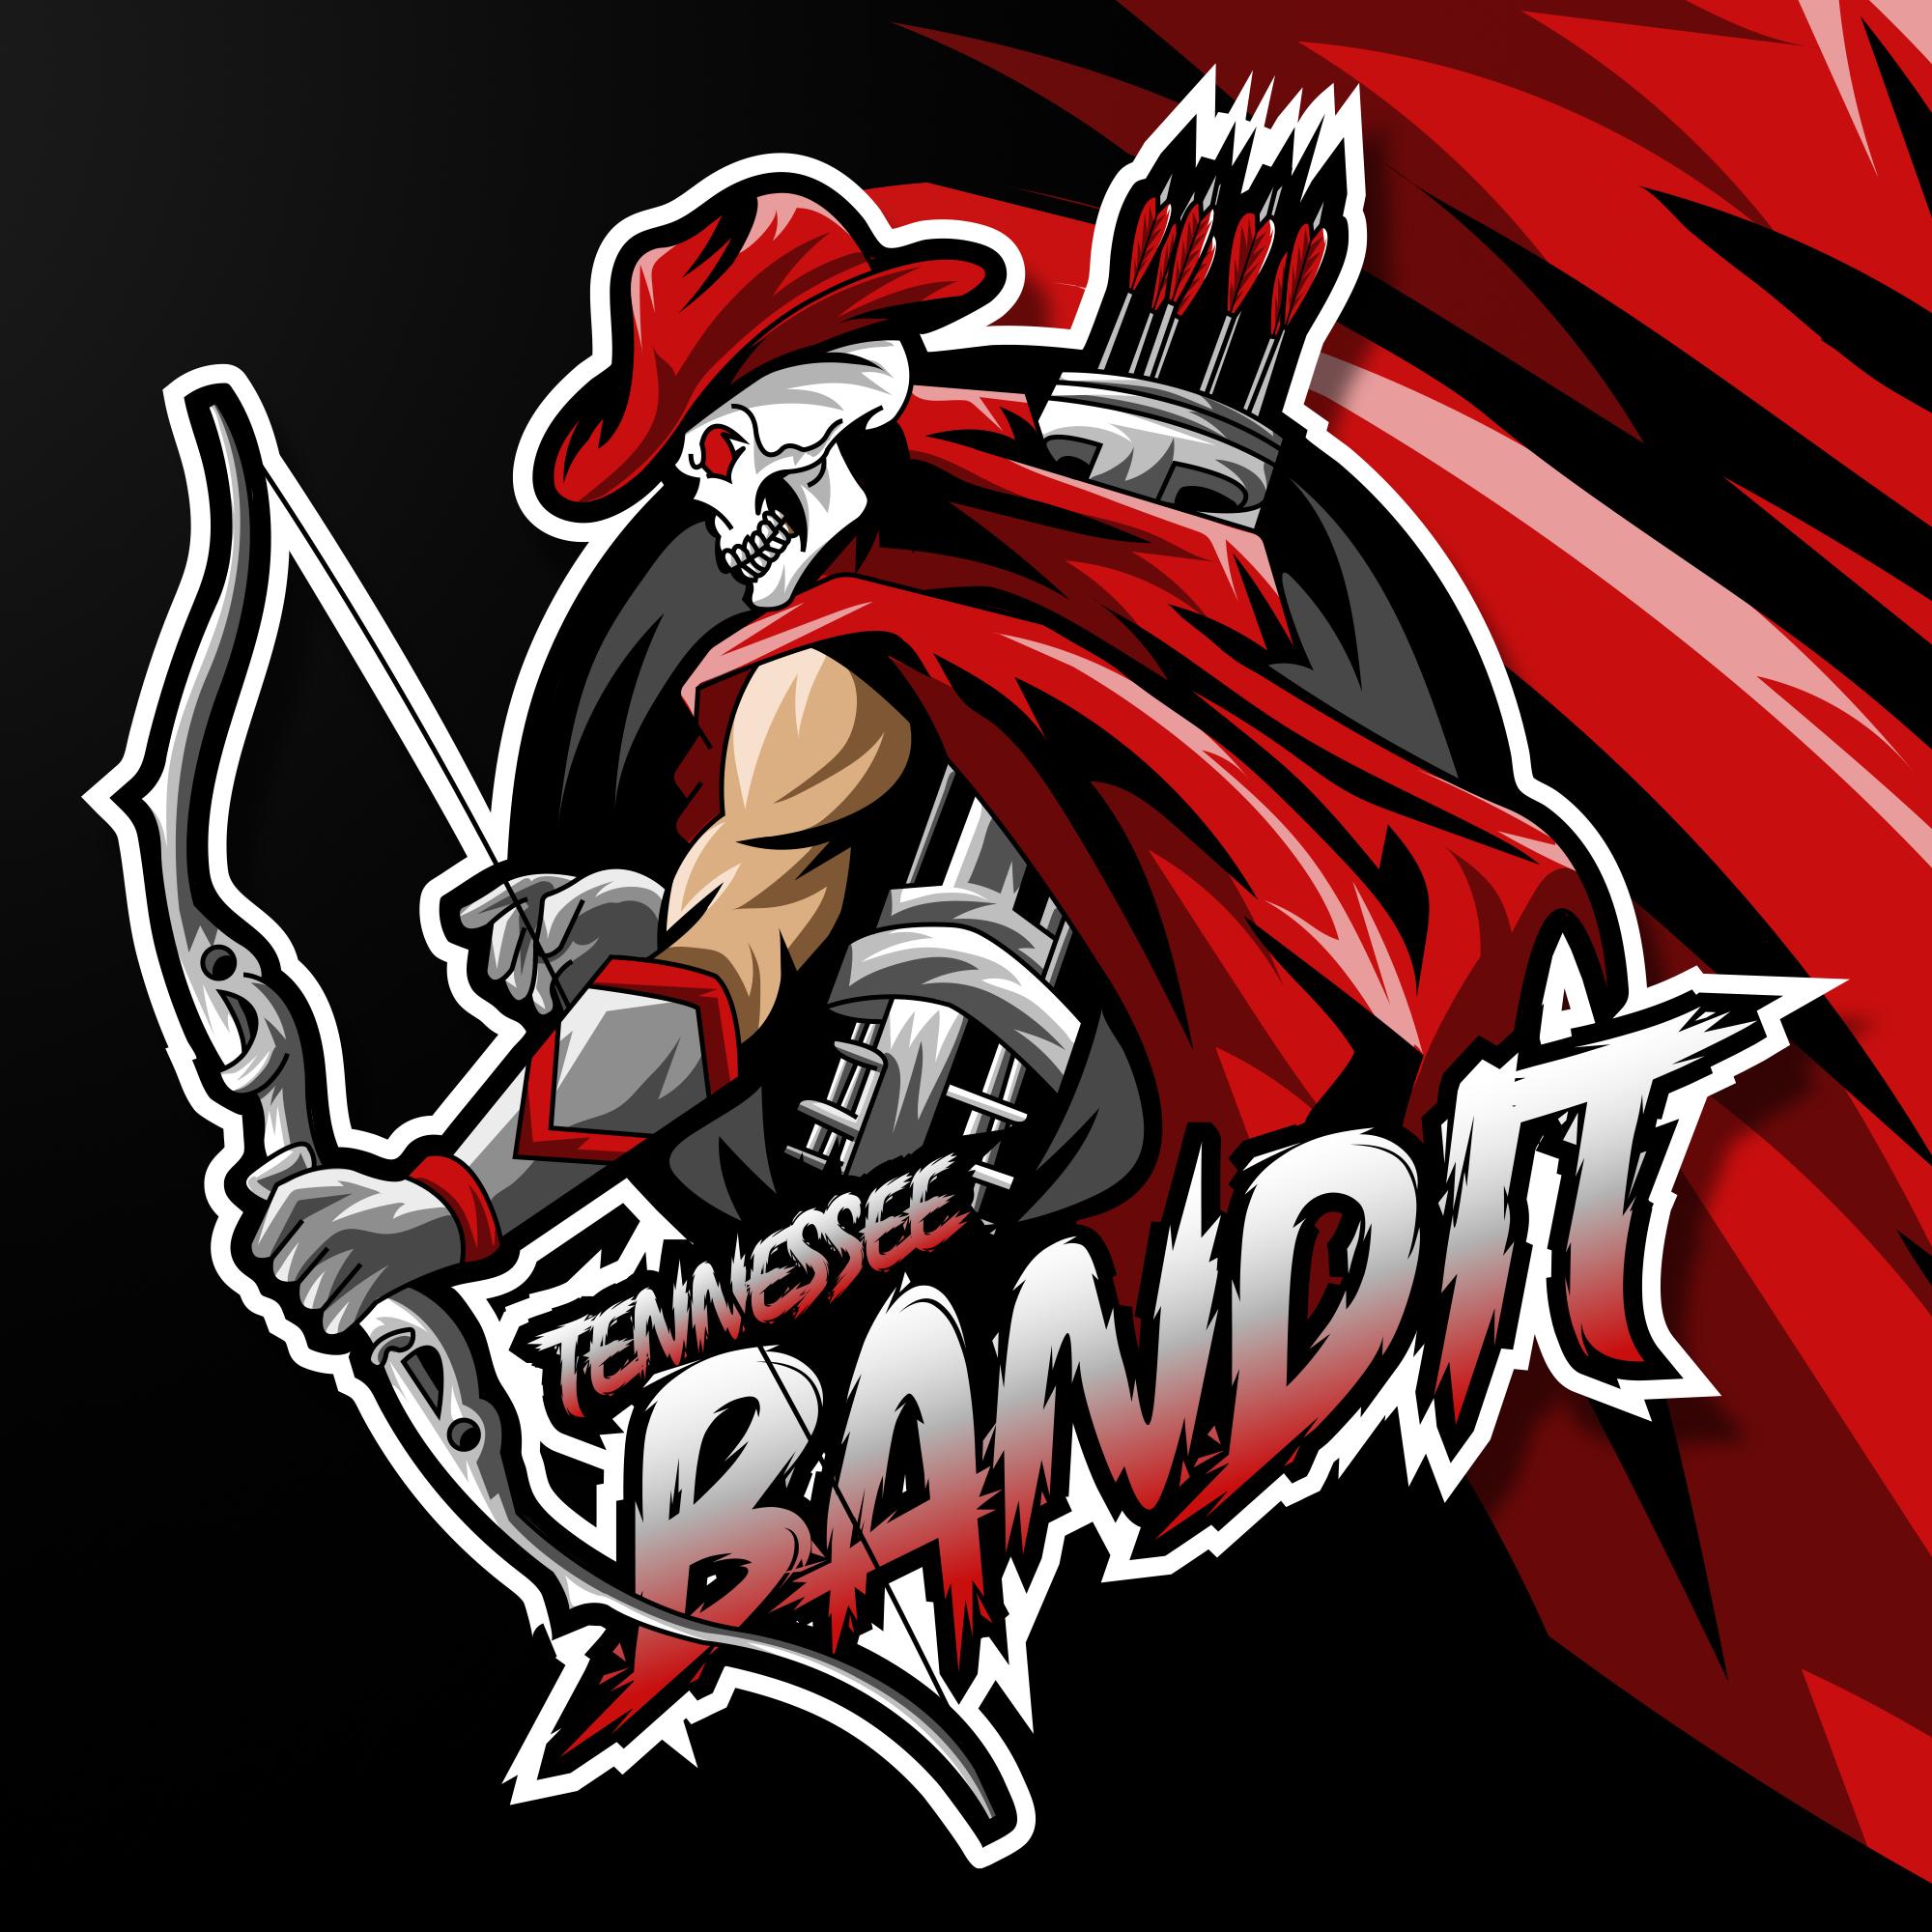 @tennesseebandit Profile Image | Linktree